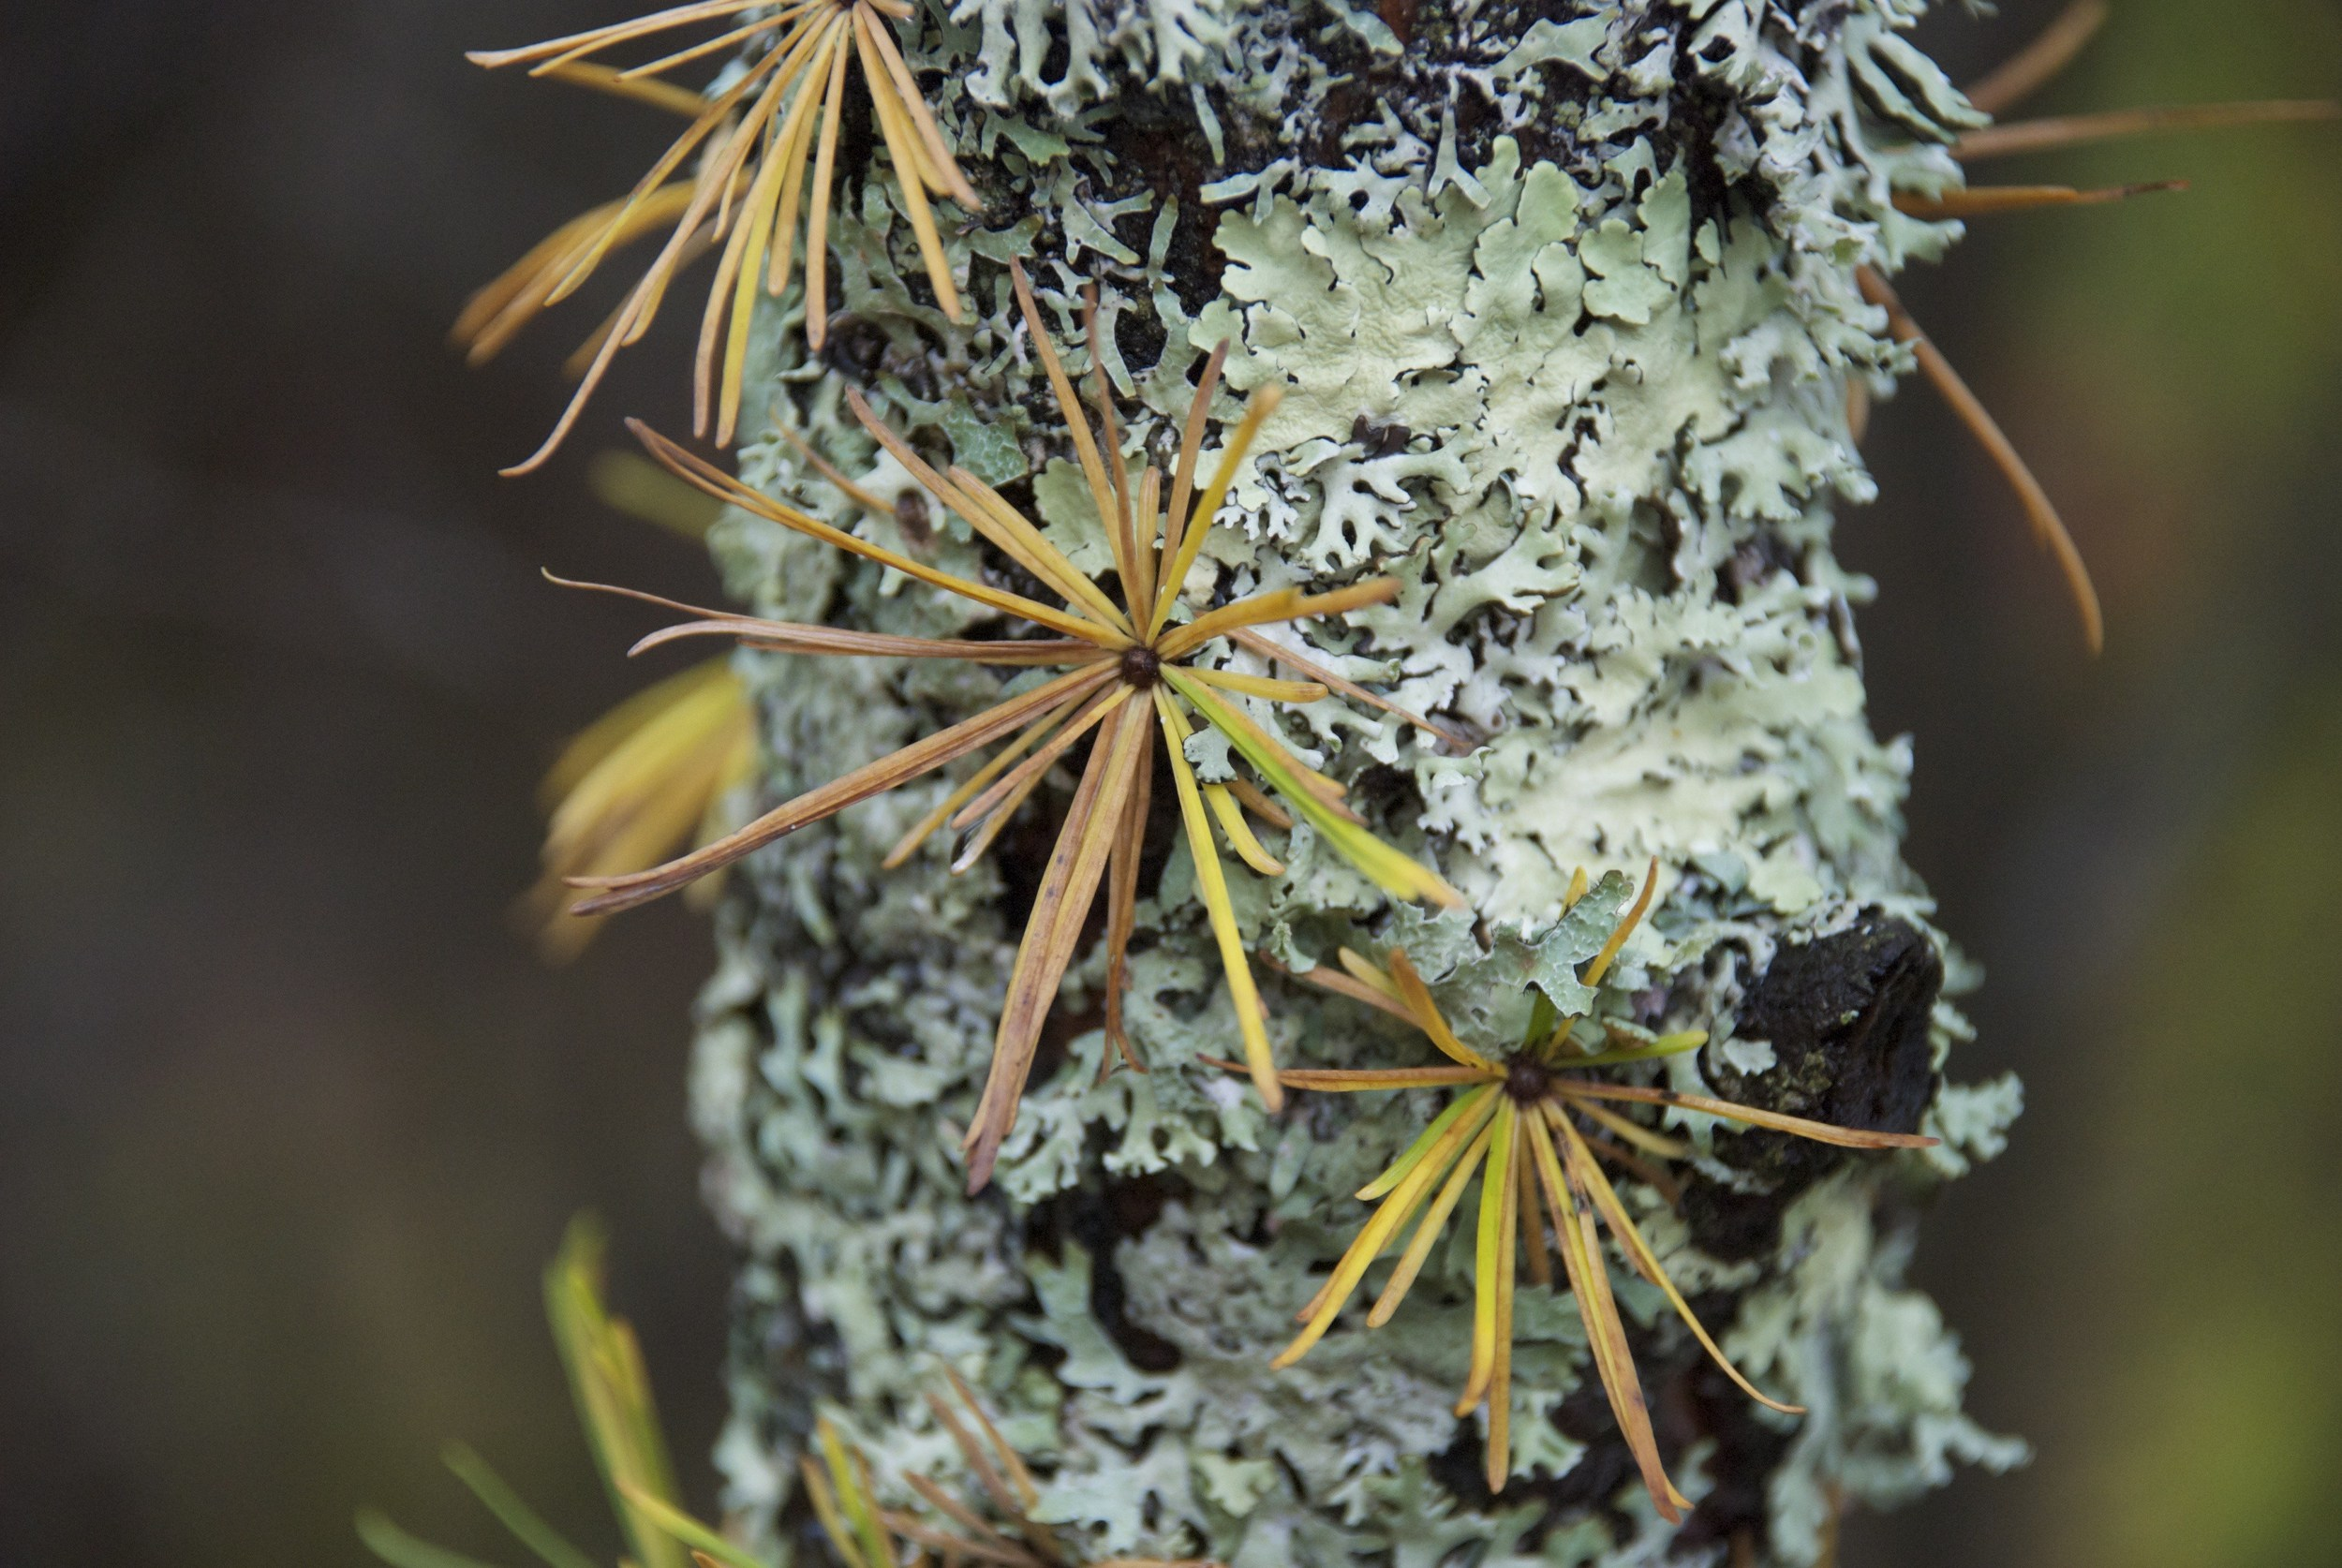 Tamarack Larix laricina                                           © Annette Heist